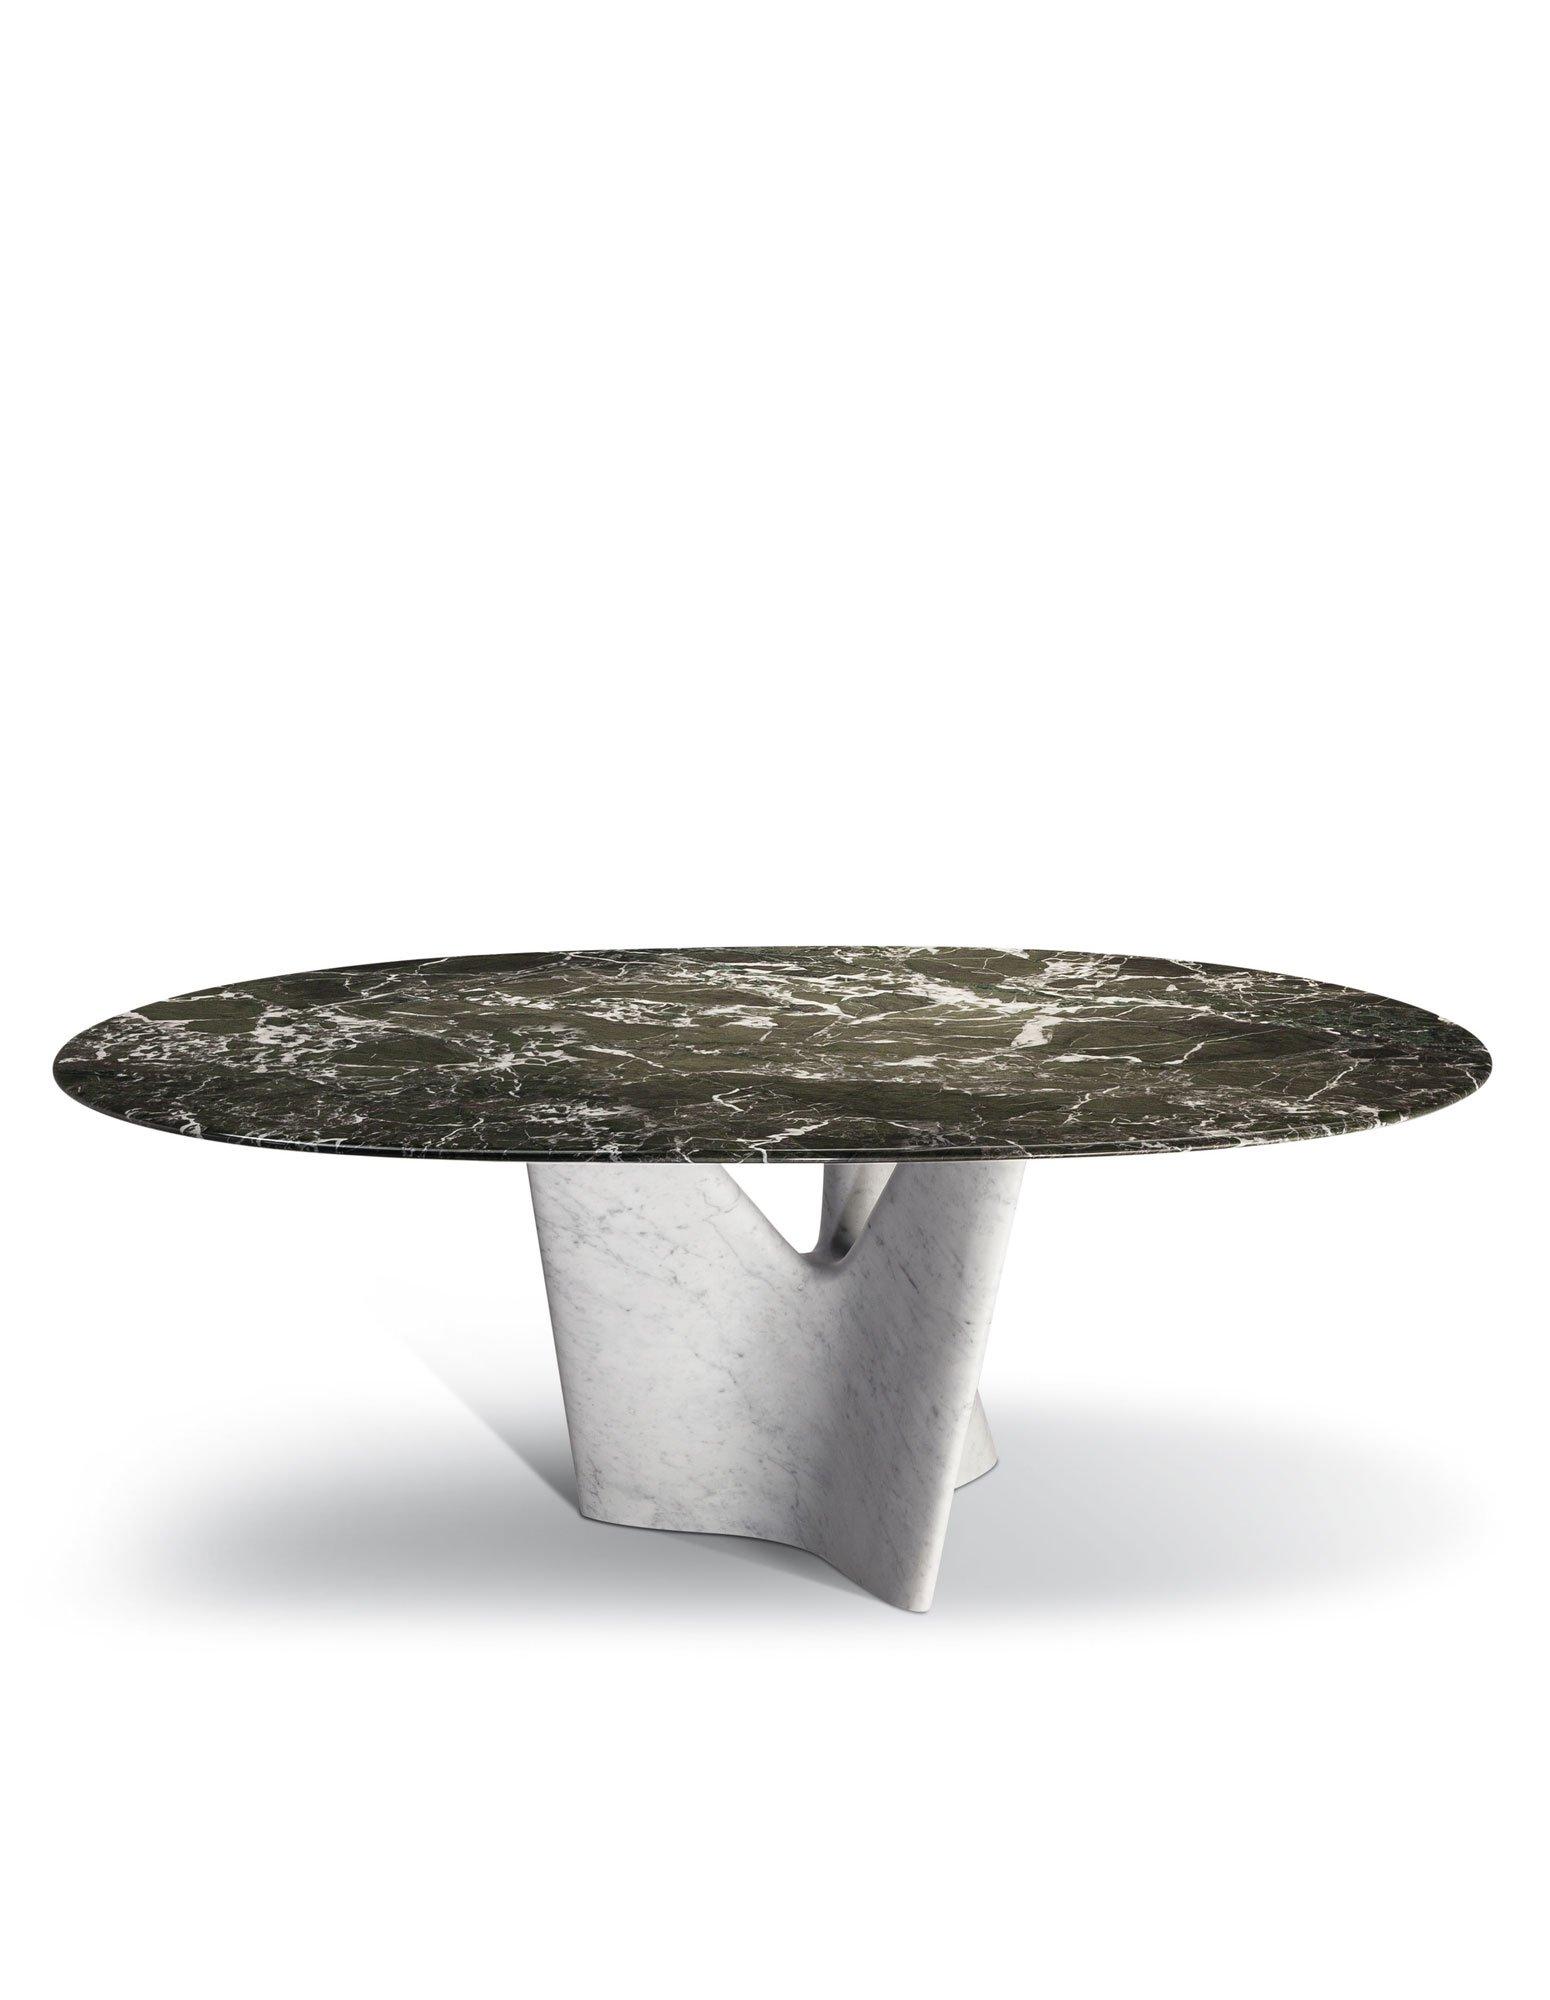 Einzigartiger Marmortisch von Roberto Lazzeroni für Poltrona Frau